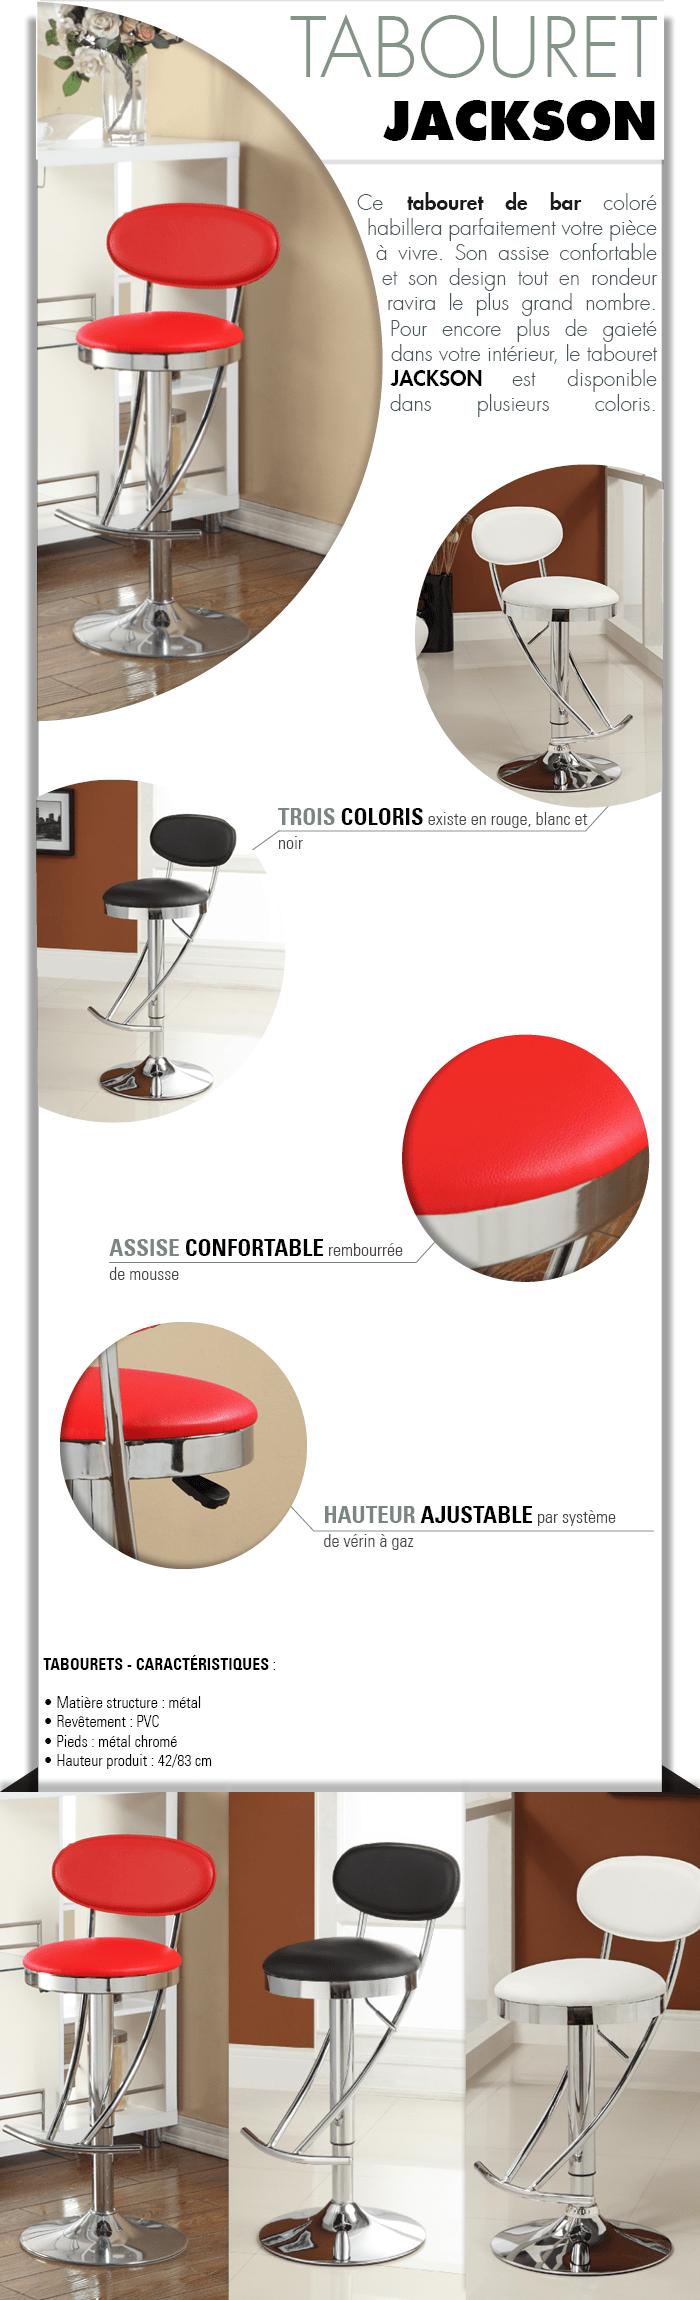 tabouret de bar jackson. Black Bedroom Furniture Sets. Home Design Ideas